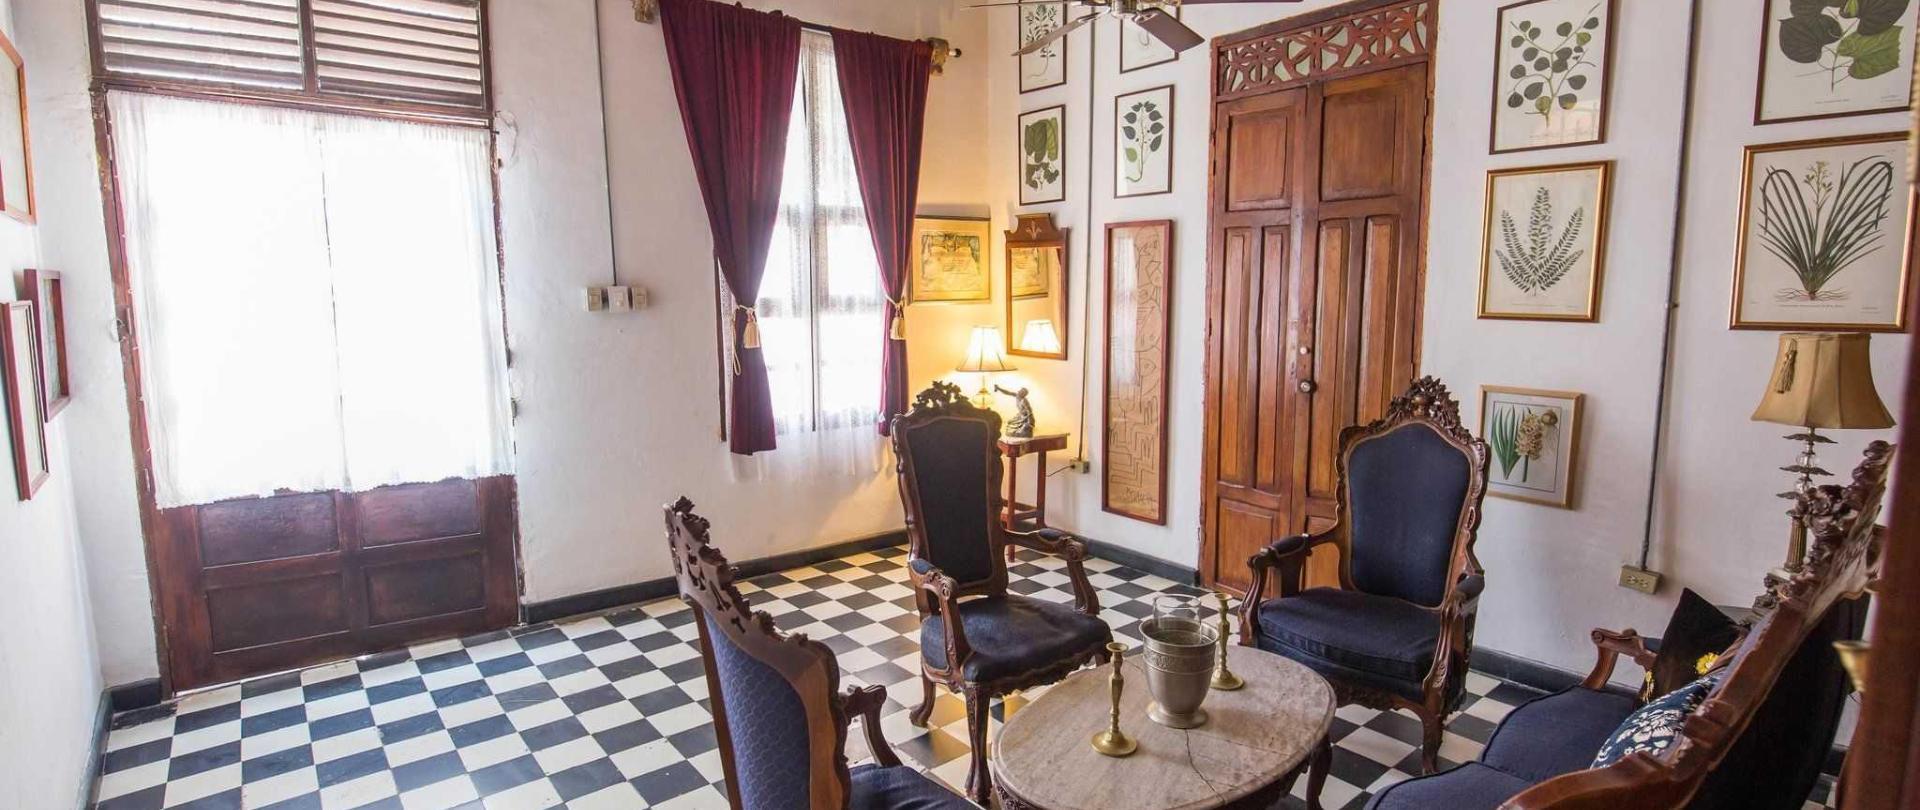 livingroom7exit.jpg